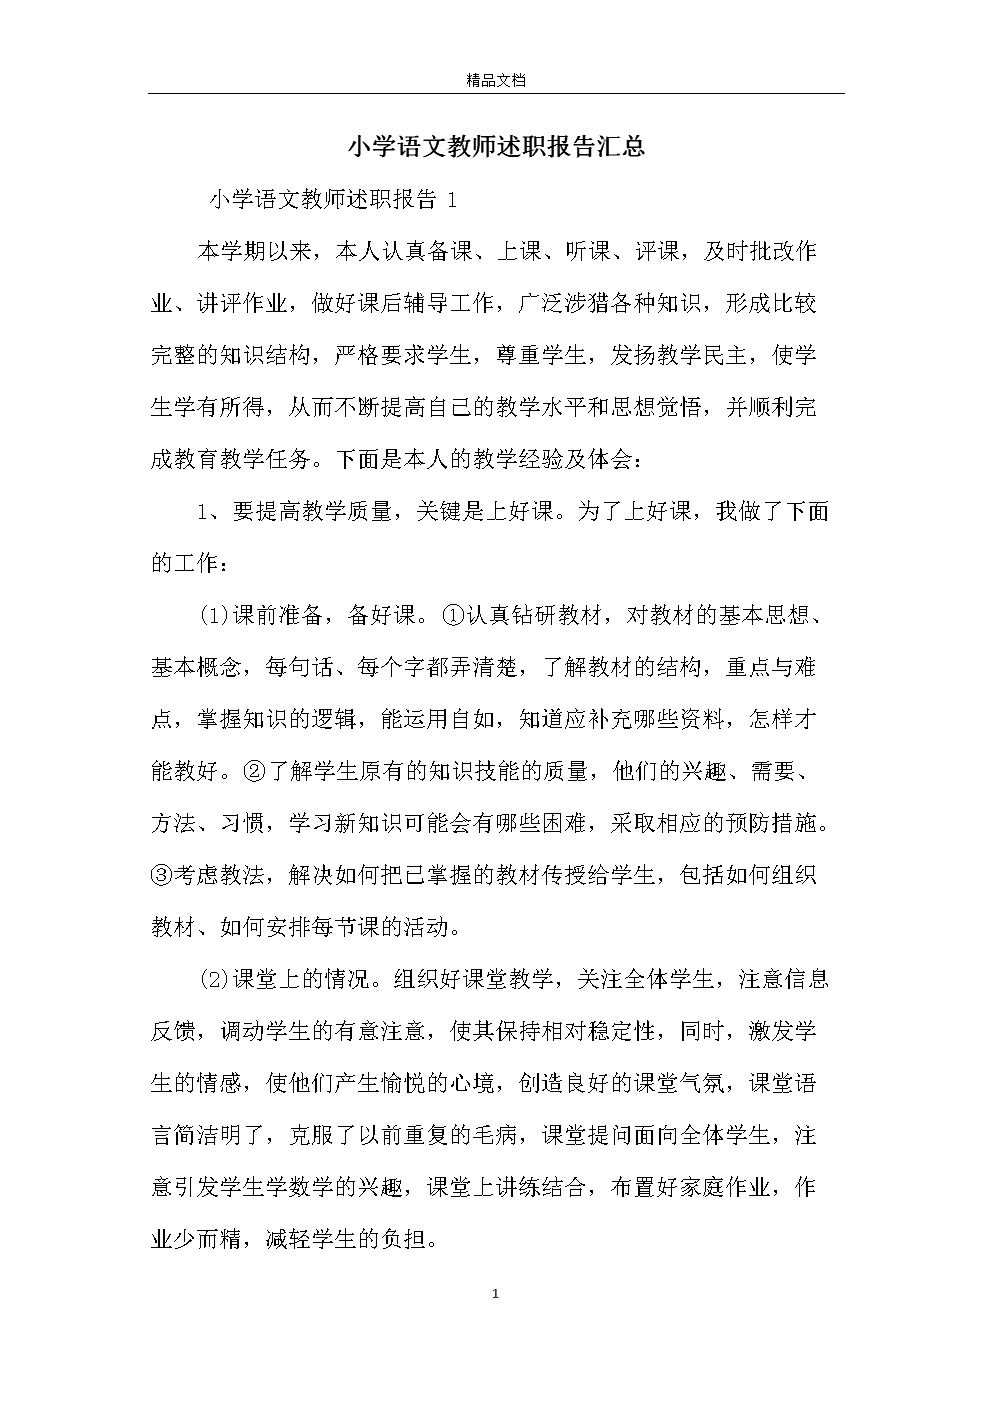 小学语文教师述职报告汇总.docx